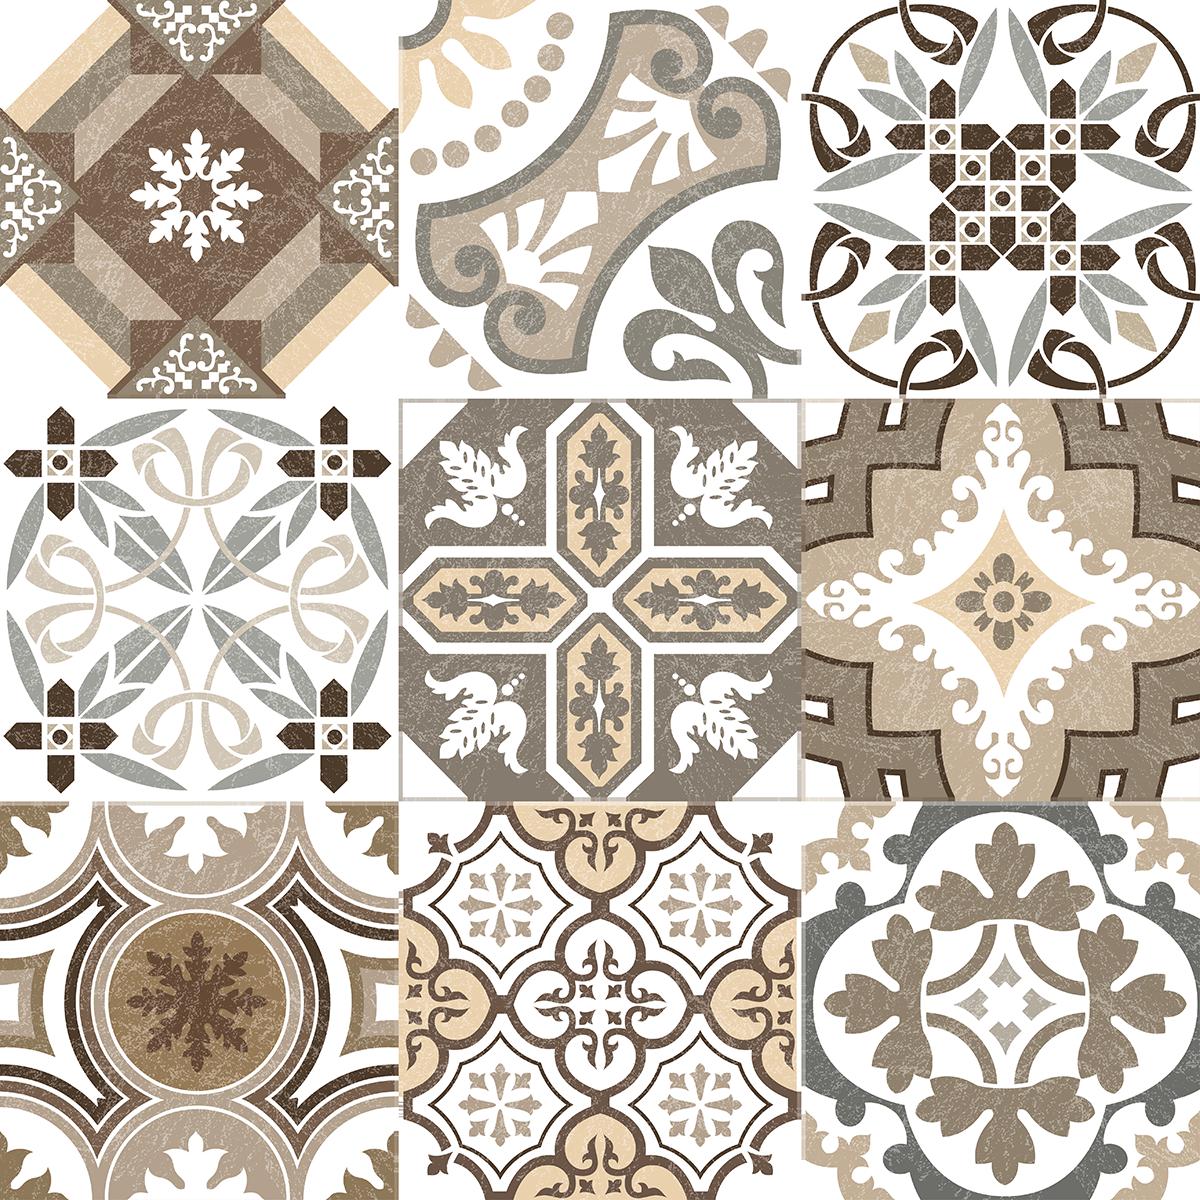 Tapisserie Carreaux De Ciment 9 stickers carreaux de ciment authentiques rithana